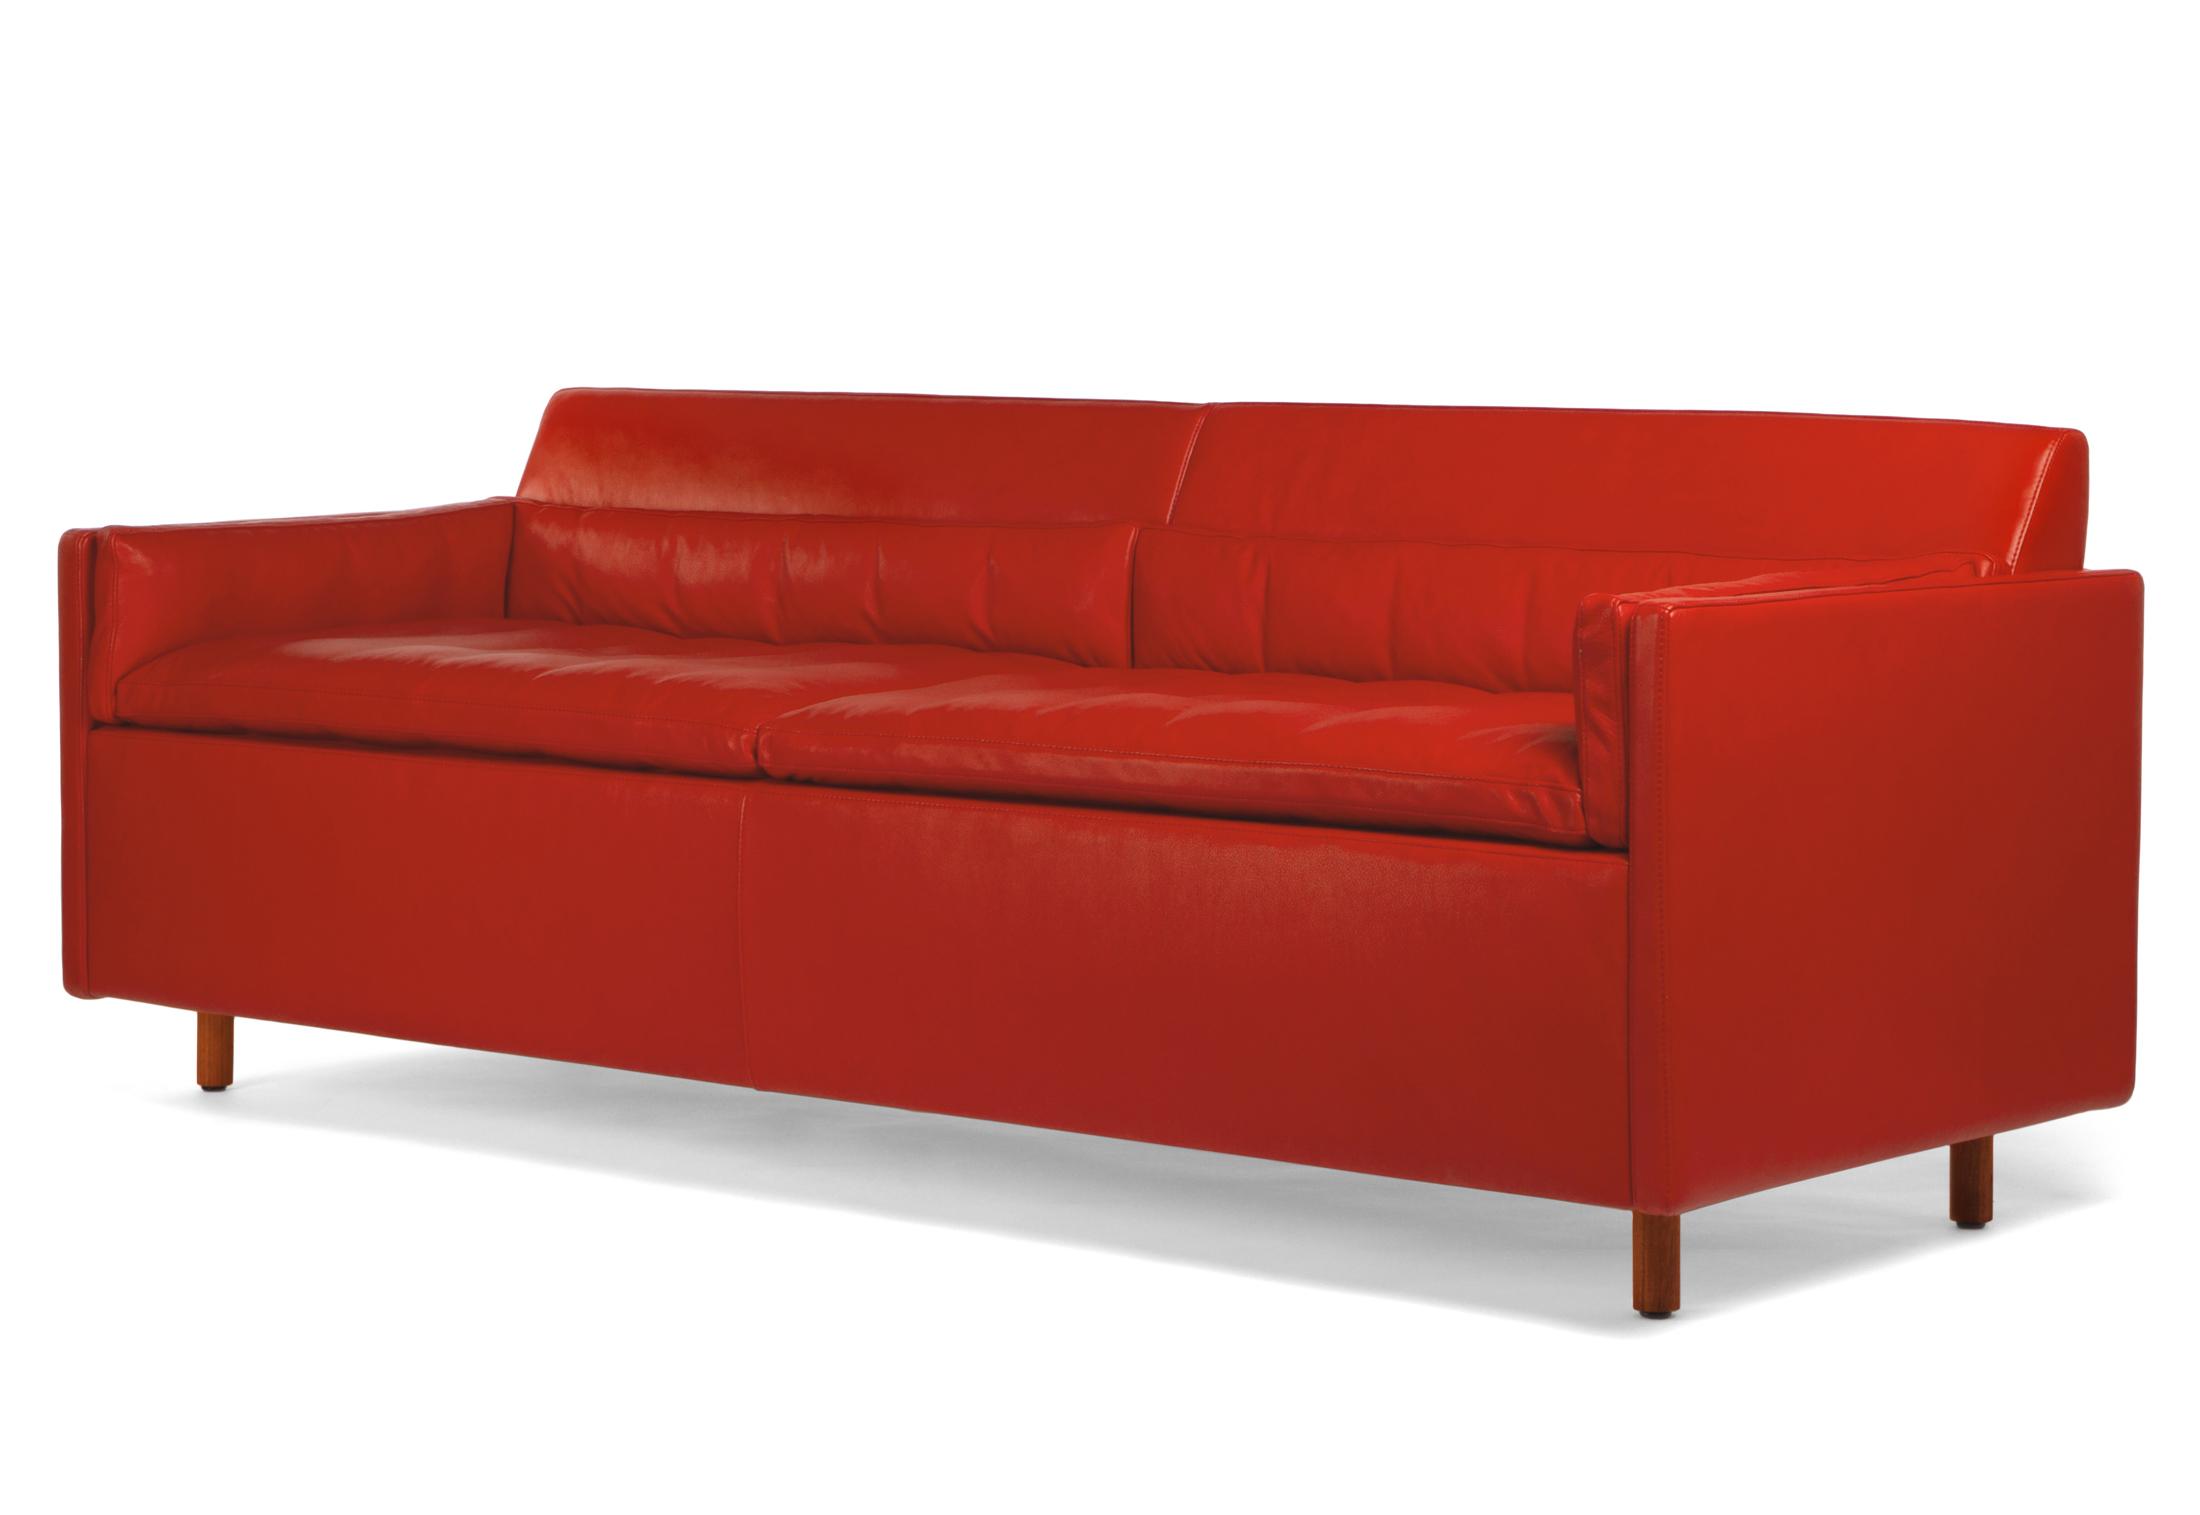 Cb 563 salon sofa von bassamfellows stylepark - Sofa para salon ...